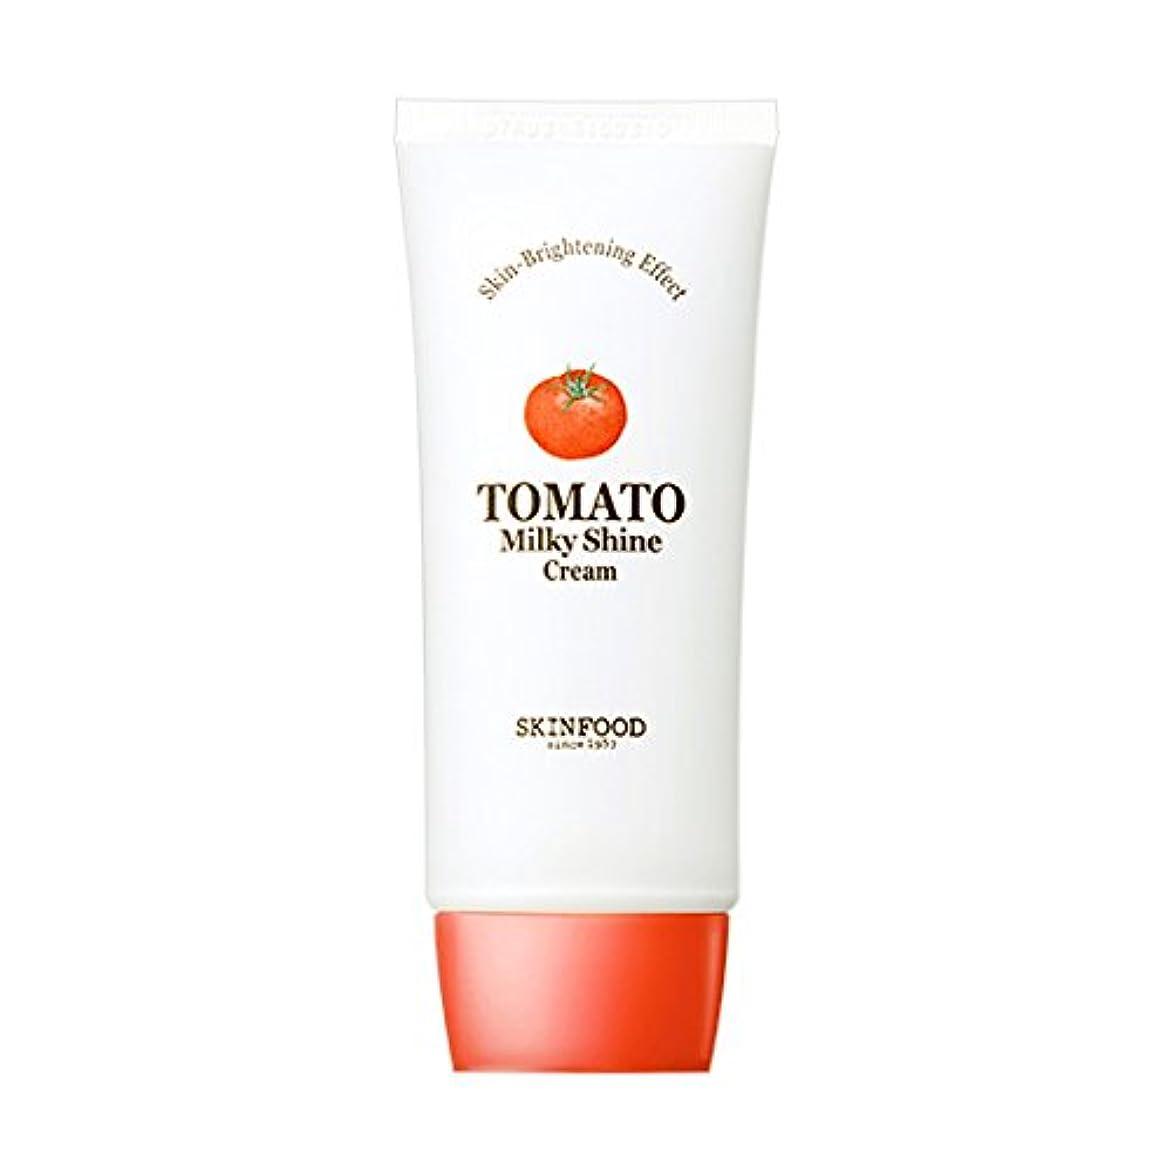 政令レプリカうれしいSkinfood トマトミルキーシャインクリーム/omato Milky Shine Cream 50ml [並行輸入品]